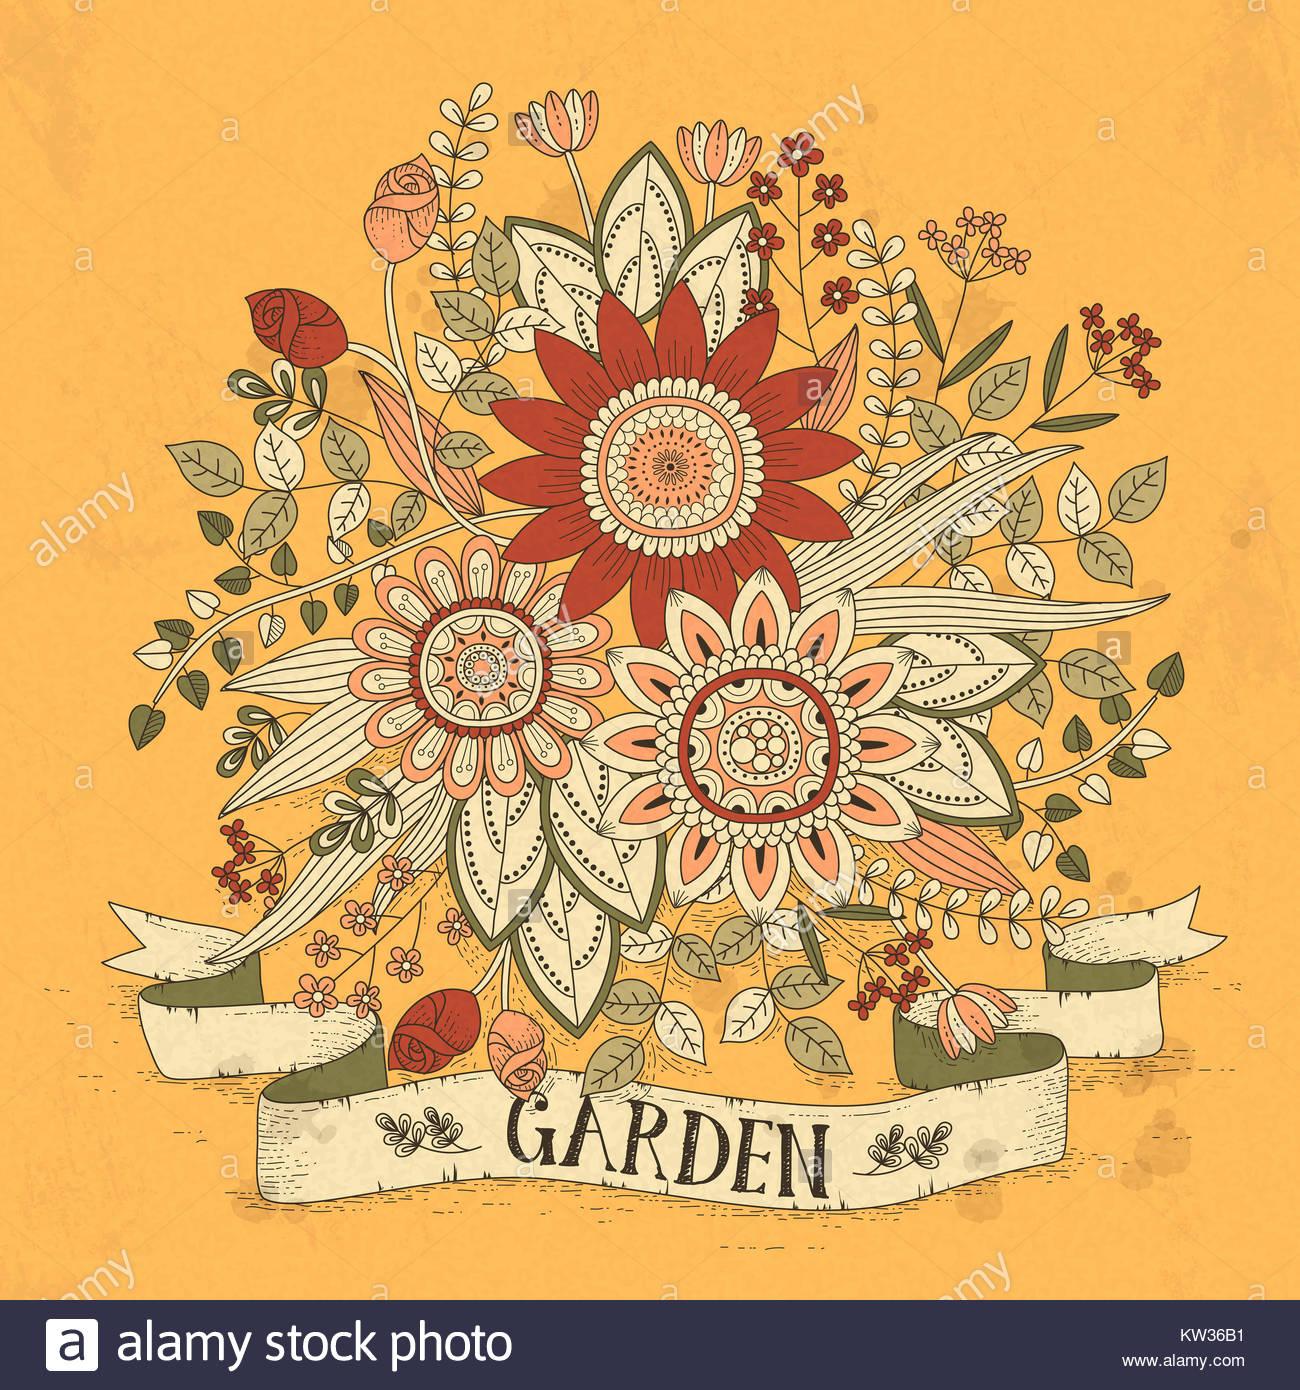 herrliche Blumen Malvorlagen in exquisitem Stil Stockfoto, Bild ...